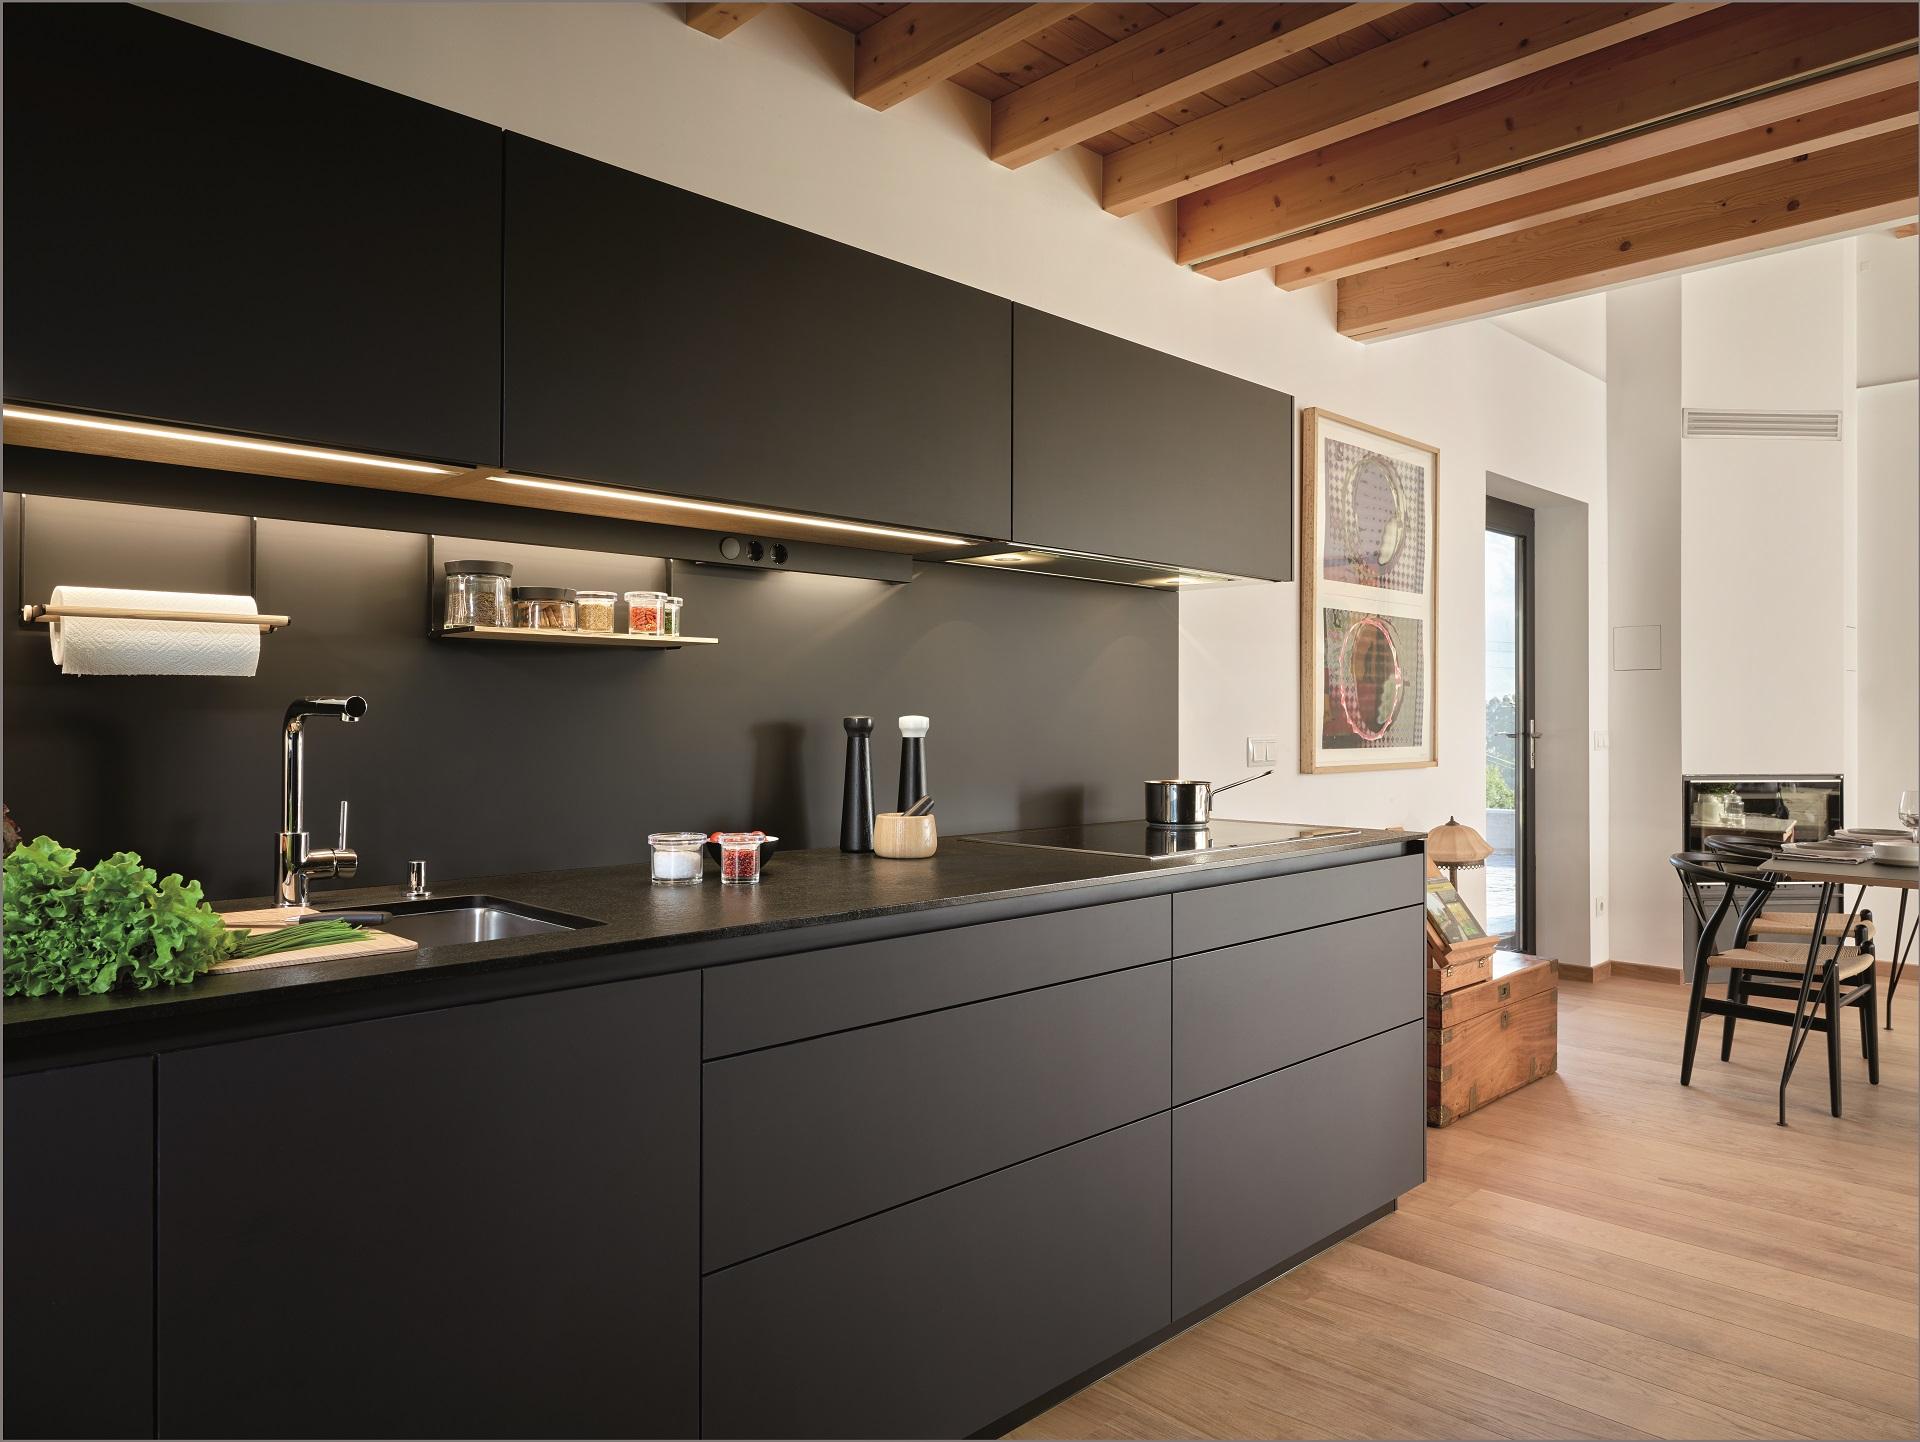 Cocina negra y madera Santiago Interiores